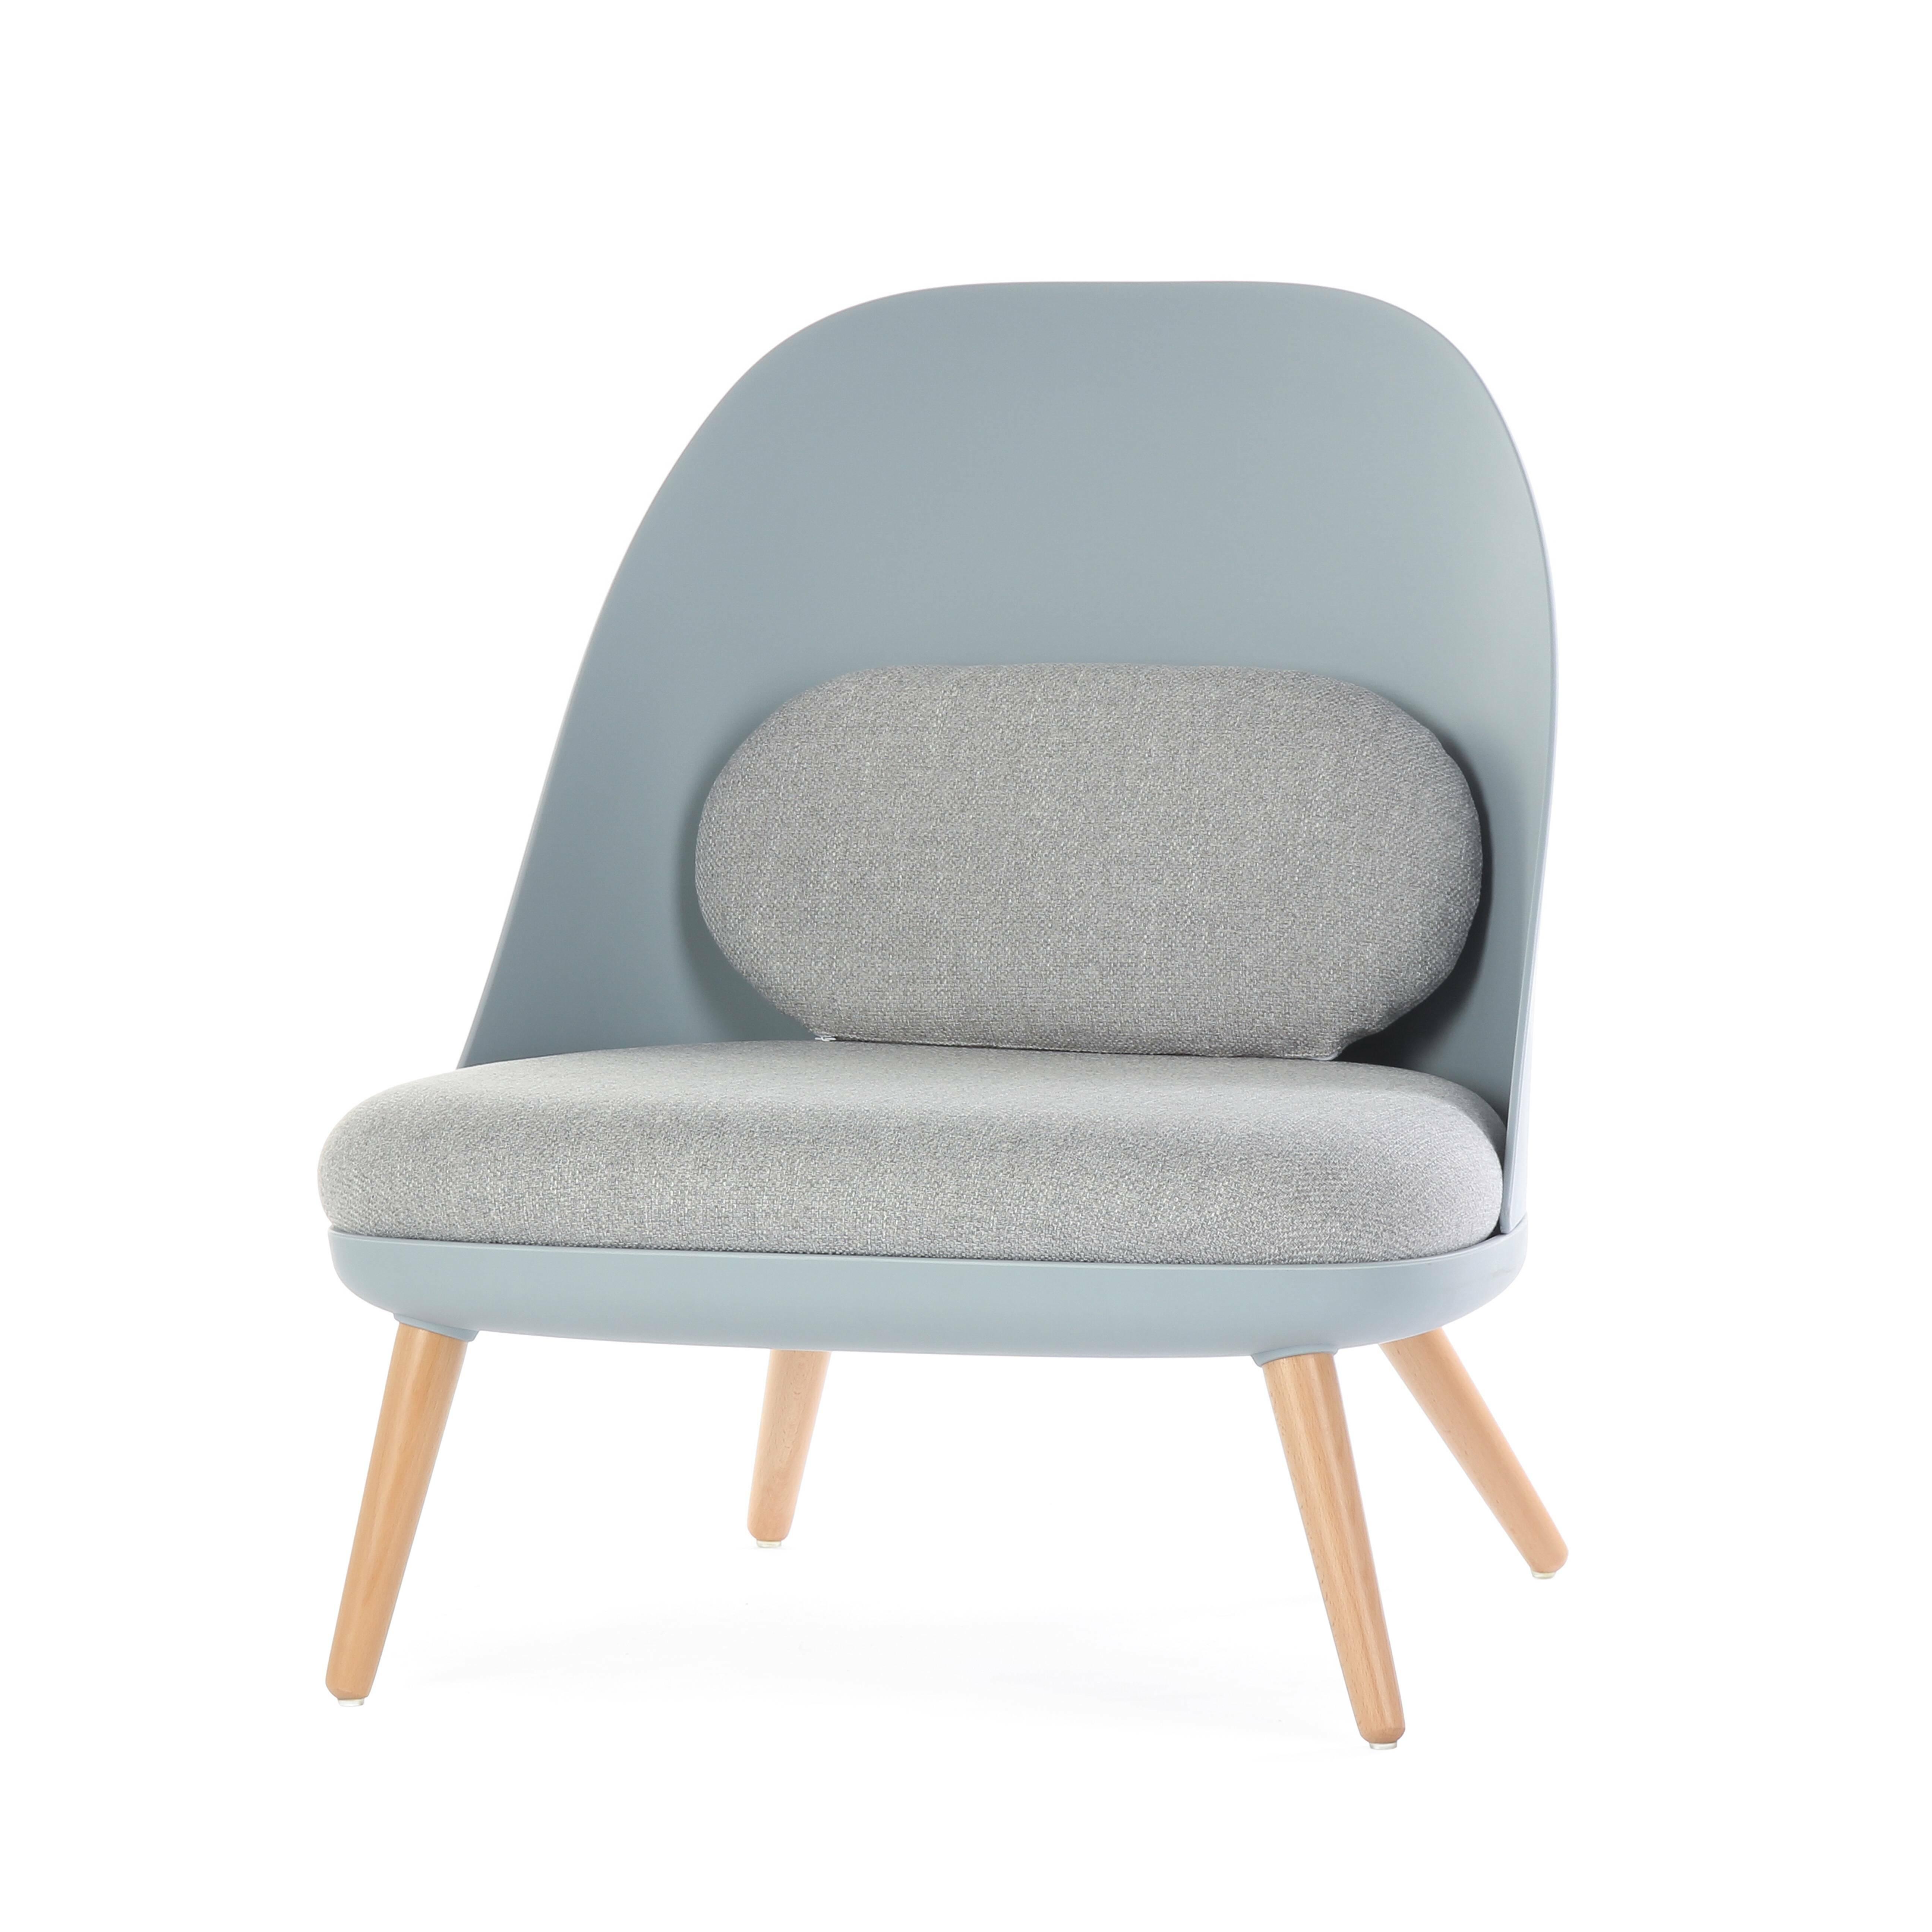 Кресло ColmarИнтерьерные<br>Дизайнерское кресло Colmar (Кольмар) – это настоящее воплощение удобства в современном стиле. Модель получила свое название в честь небольшого города на северо-востоке Франции. Кресло представляет собой прекрасный образ комфорта и обаяния французского интерьера, но оформлено в более современном формате.<br><br><br> Современный стиль предполагает использование инновационных материалов: обивка из износостойкого полиэстера, спинка и каркас из прочного полипропилена и небольшое добавление классическ...<br><br>stock: 16<br>Высота: 75,5<br>Высота сиденья: 34<br>Ширина: 70<br>Глубина: 65,5<br>Цвет ножек: Светло-коричневый<br>Цвет спинки: Голубой<br>Материал ножек: Массив бука<br>Материал сидения: Полиэстер<br>Цвет сидения: Серый<br>Тип материала спинки: Полипропилен<br>Тип материала сидения: Ткань<br>Тип материала ножек: Дерево